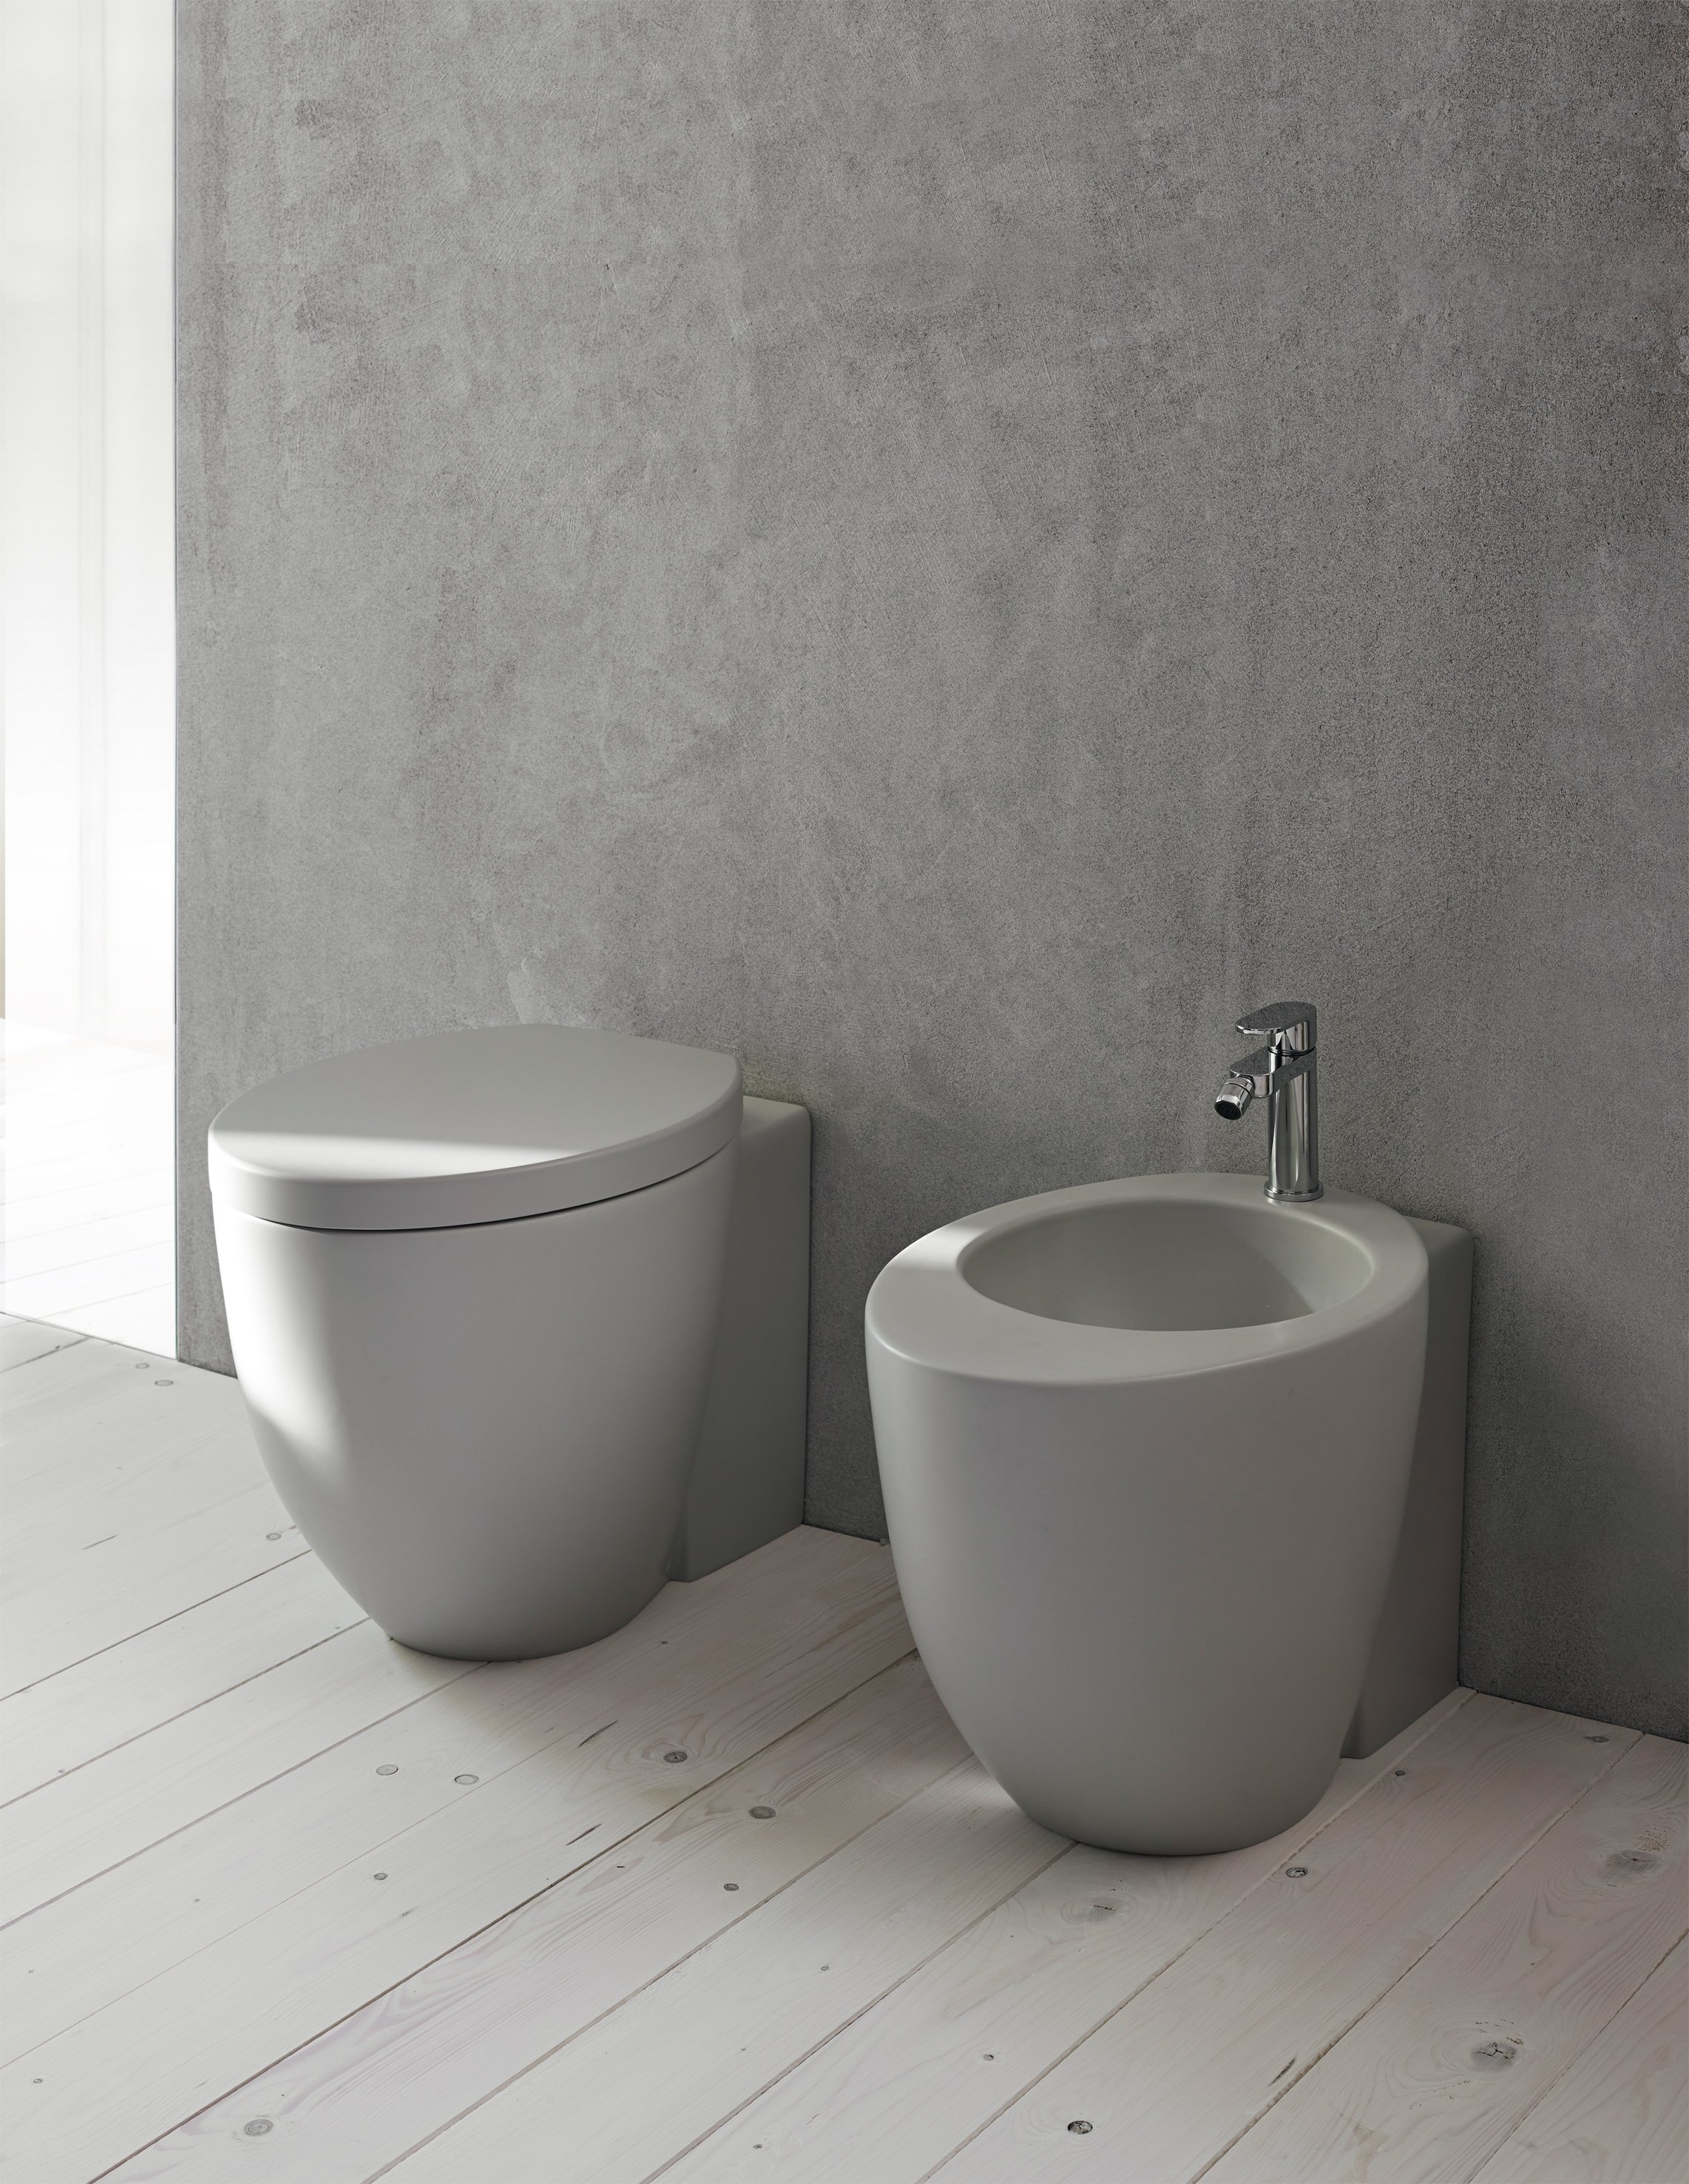 Tendenze bagno: sanitari grigi e neri - Cose di Casa